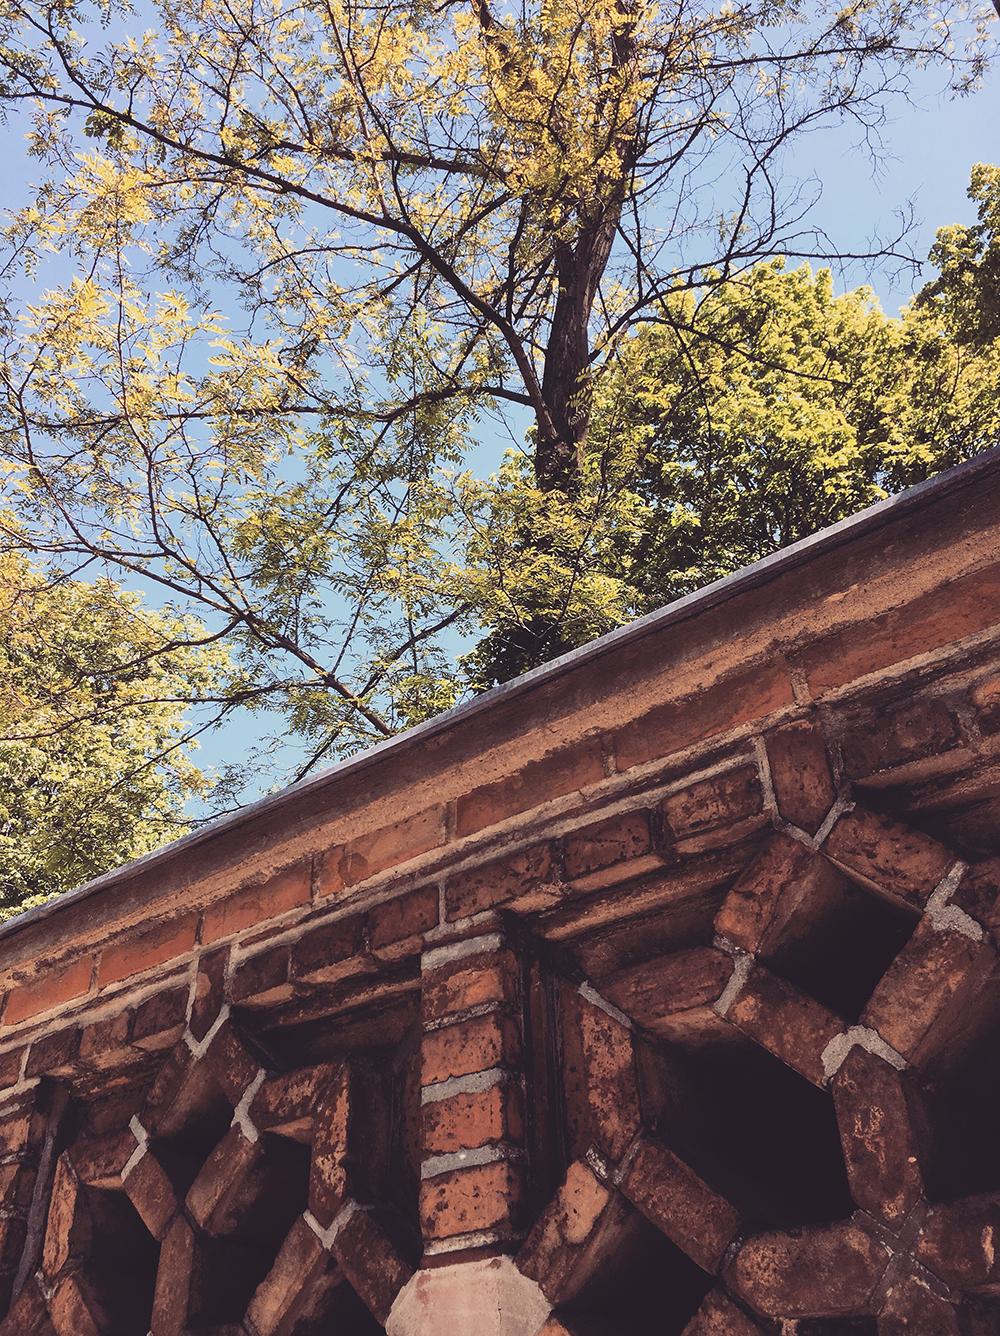 Jewish Cemetery & Lapidarium at Schönhauser Allee, Berlin